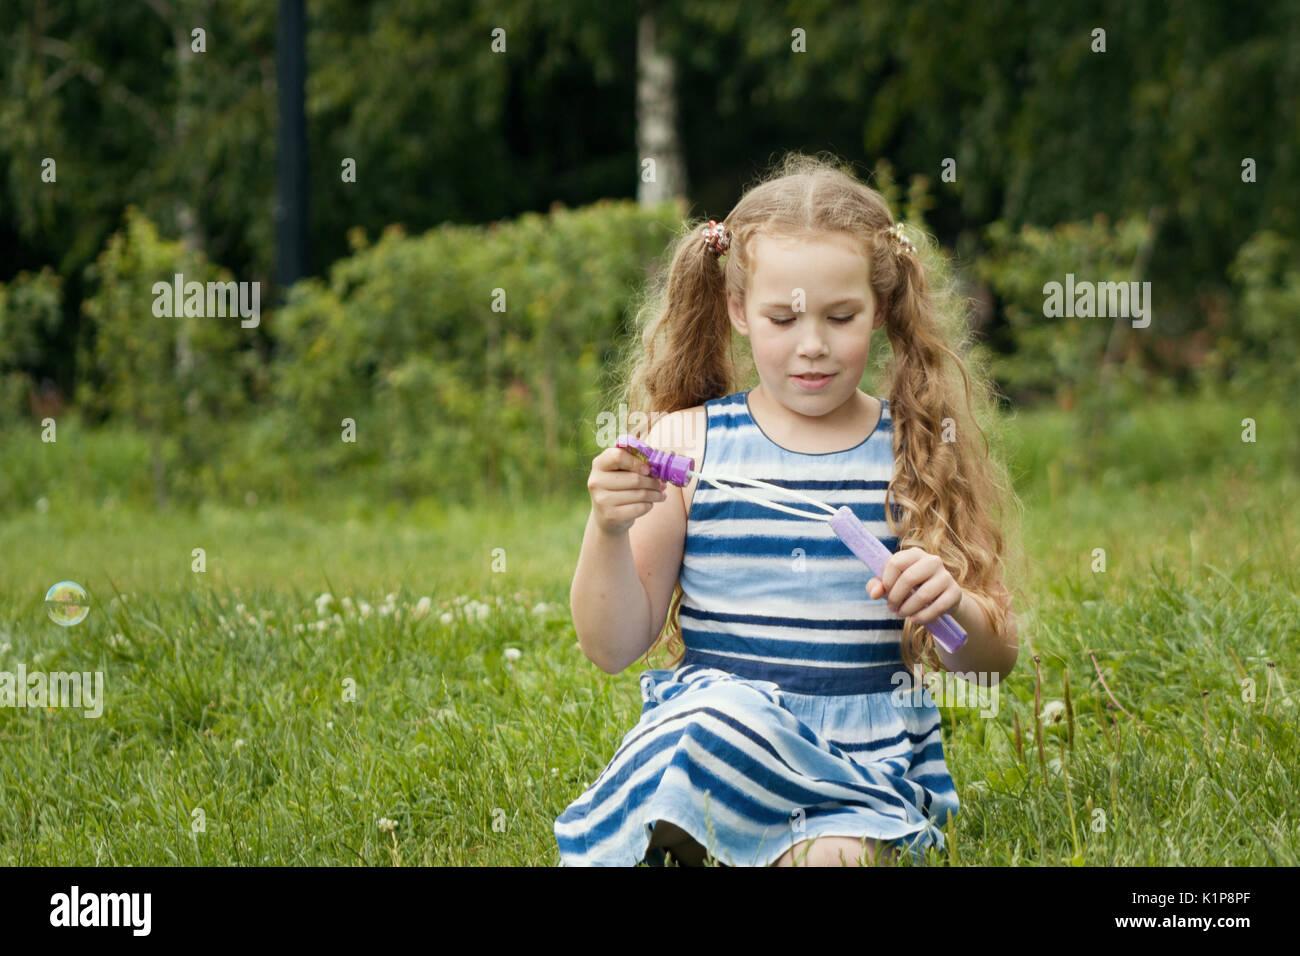 Bambino ragazza che gioca con la bolla di sapone in estate park Immagini Stock